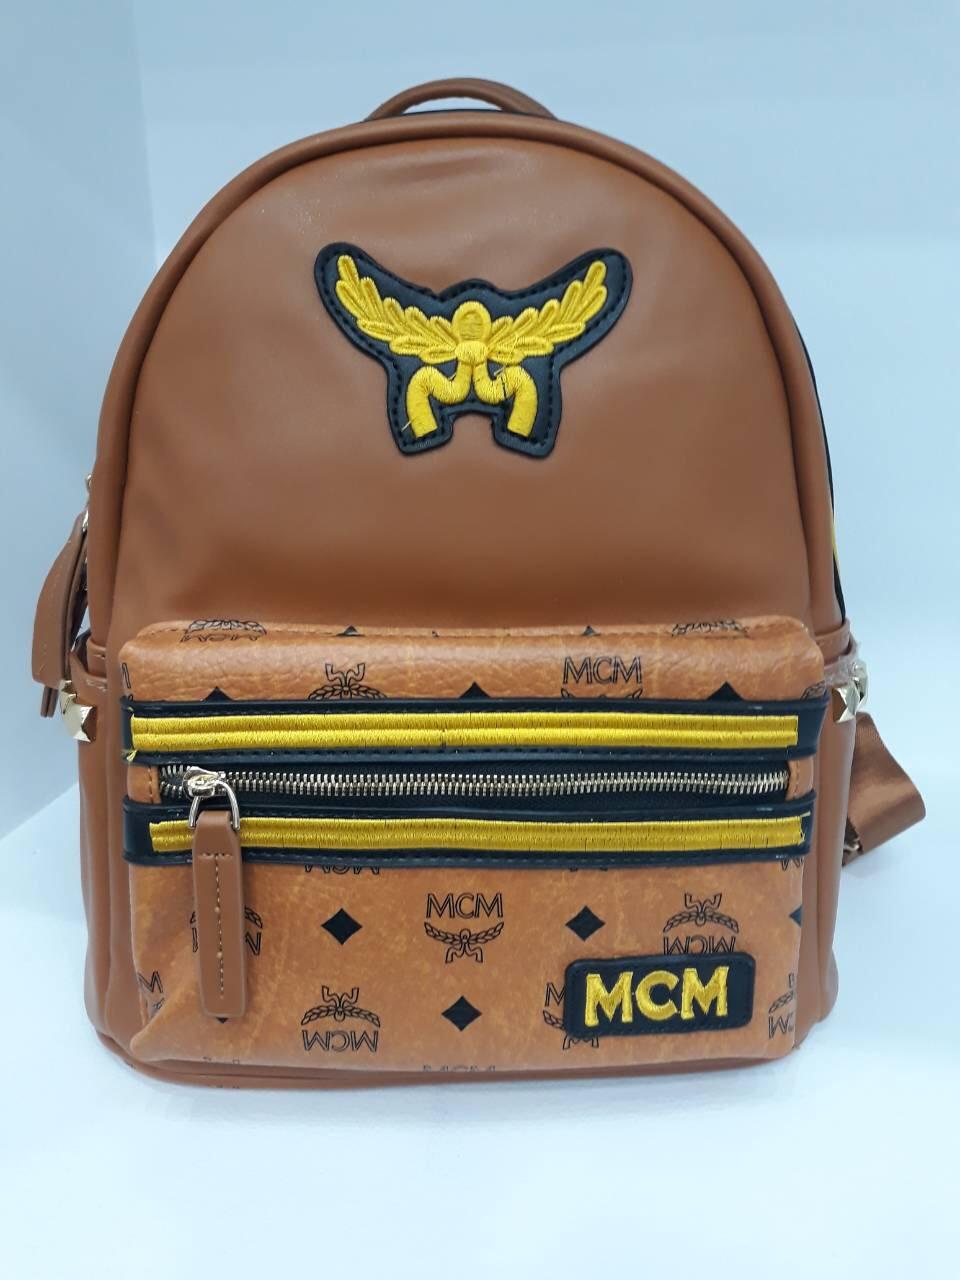 54d794fba5 ... τσάντες   MCM   MCM BACKPACK MEDIUM  10746. prev